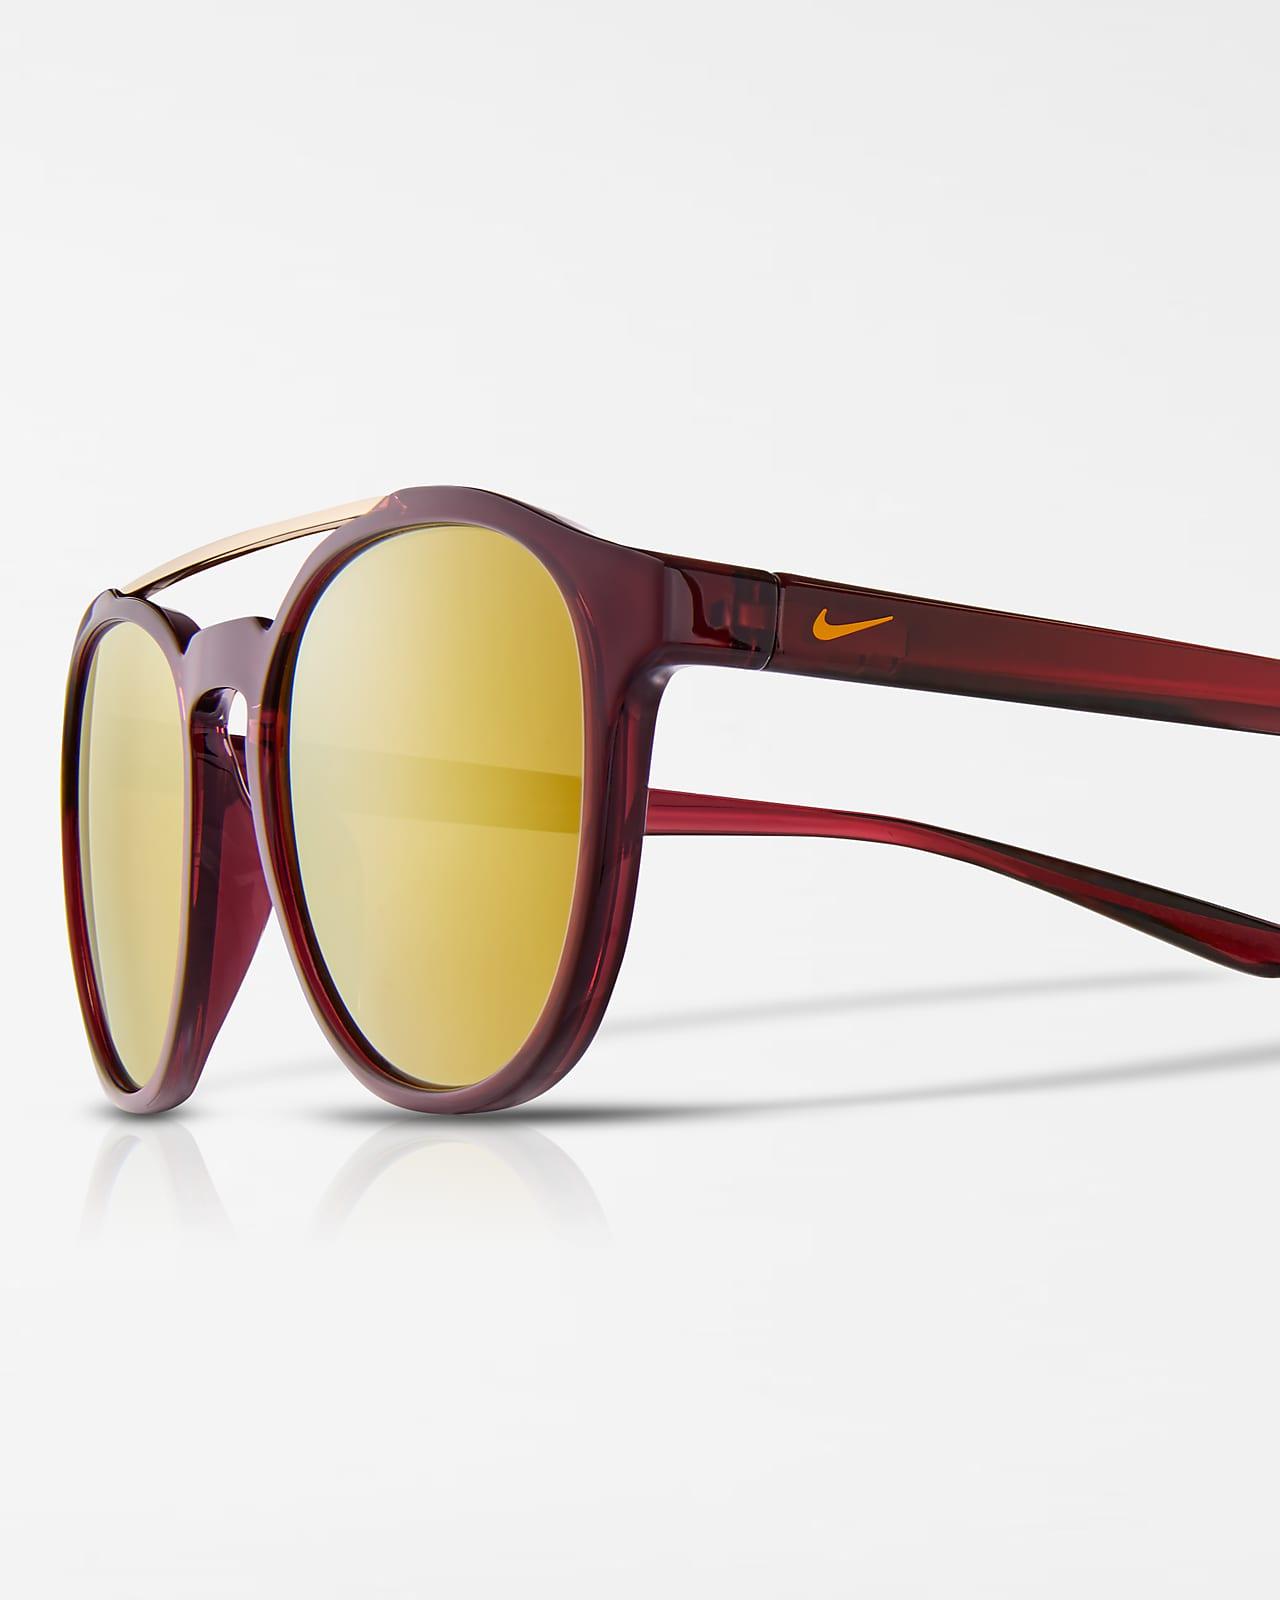 Nike Kismet Sunglasses